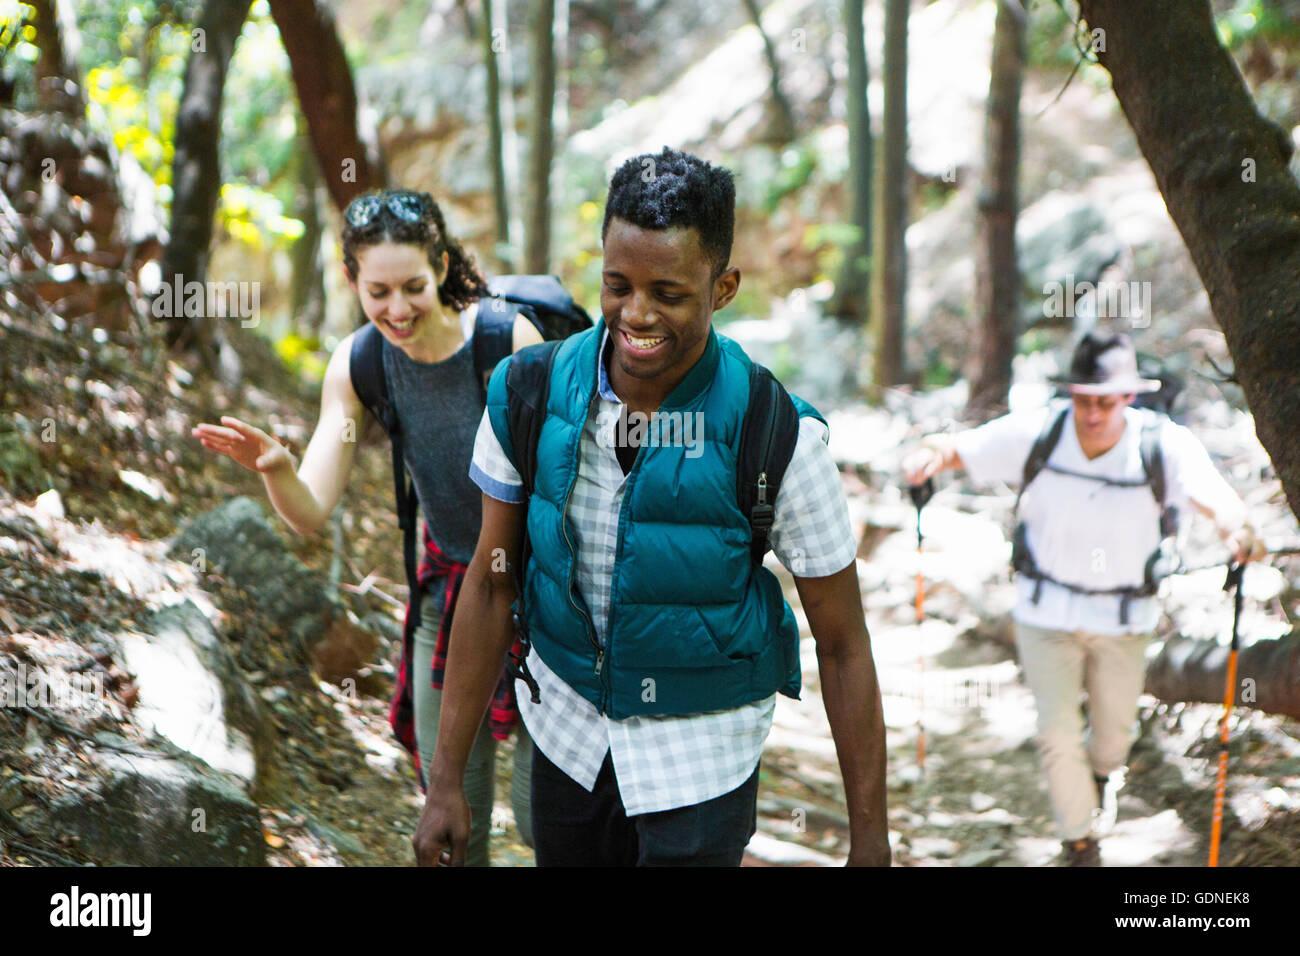 Trois jeunes randonneurs adultes randonnées à travers forêts, Arcadia, Californie, USA Photo Stock